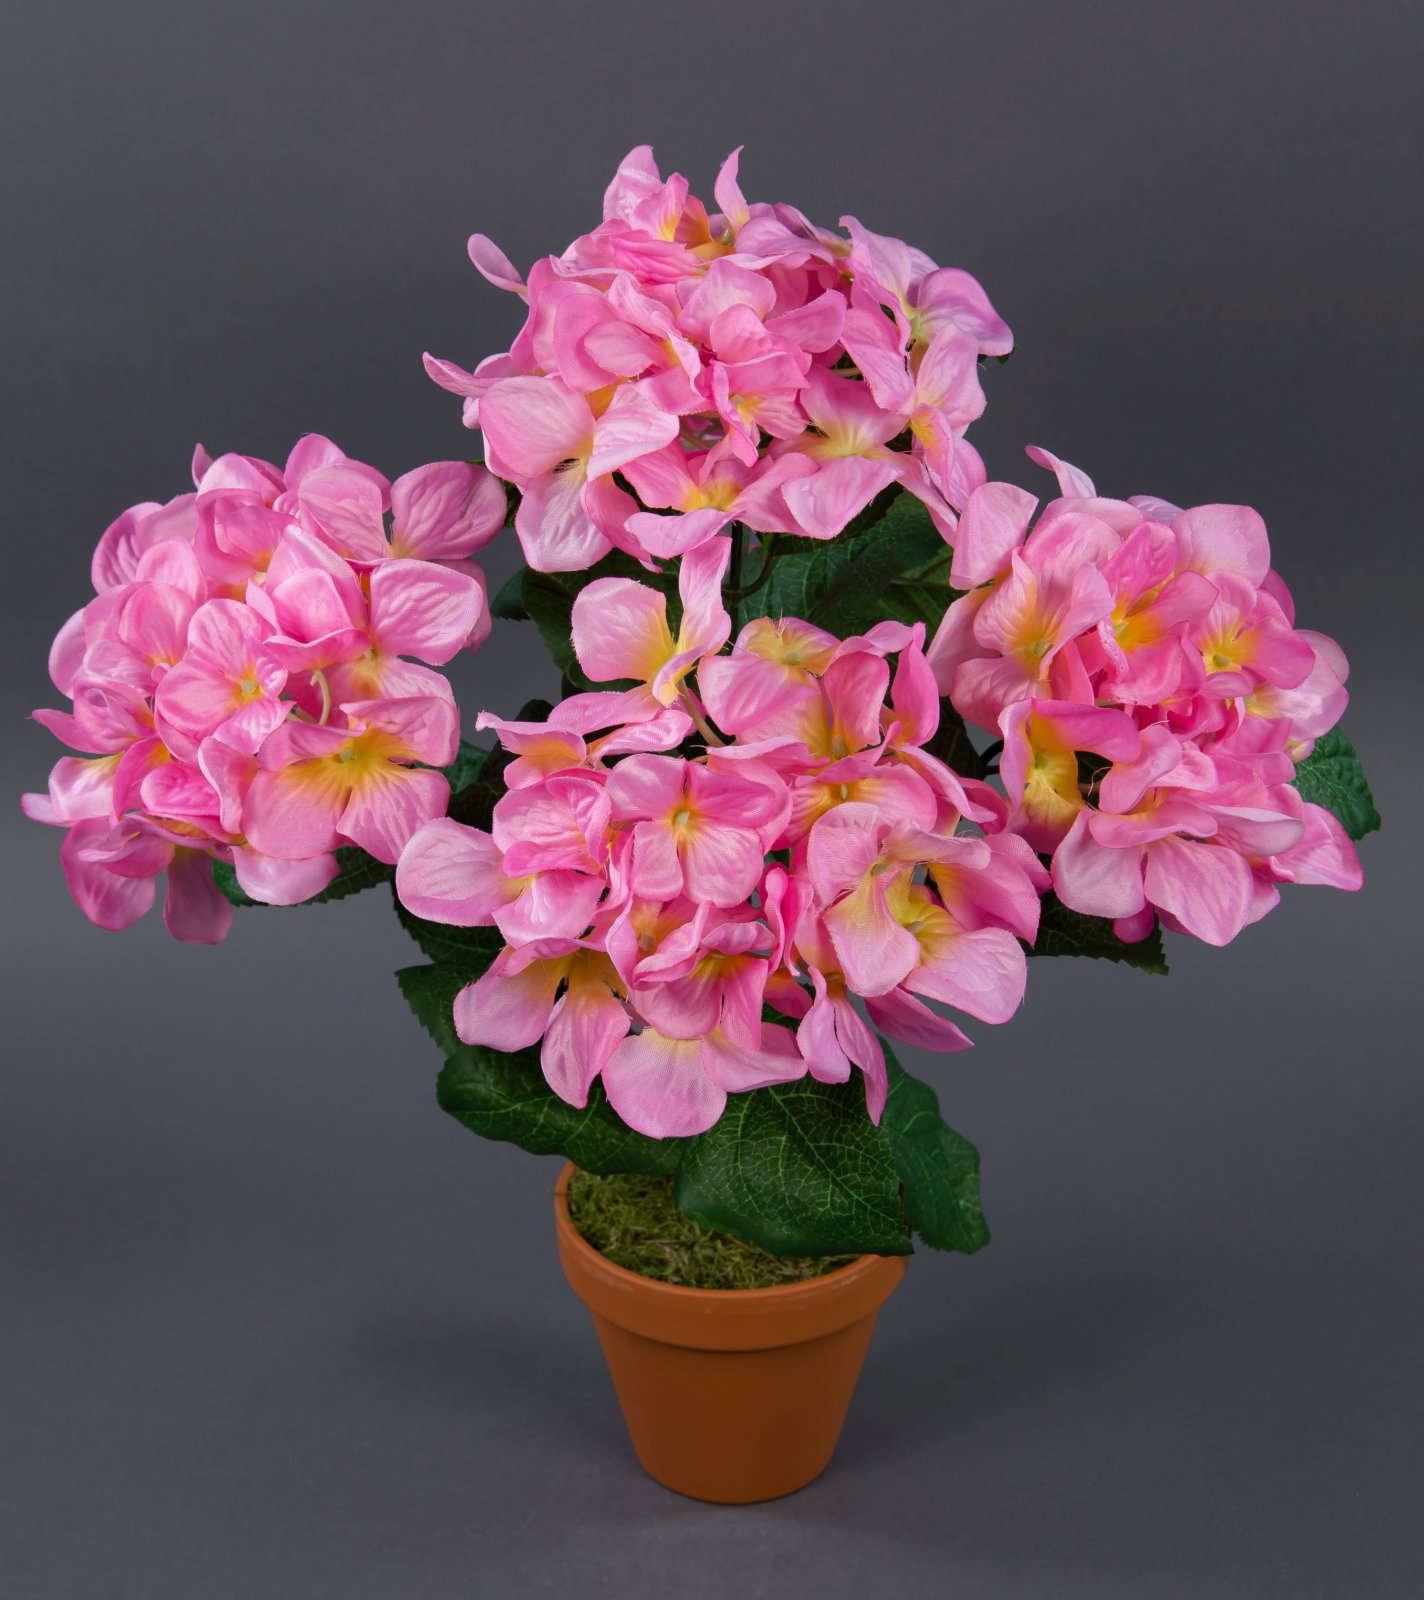 Hortensienbusch groß 42cm rosa im Topf LM künstliche Blumen Pflanzen Hortensie